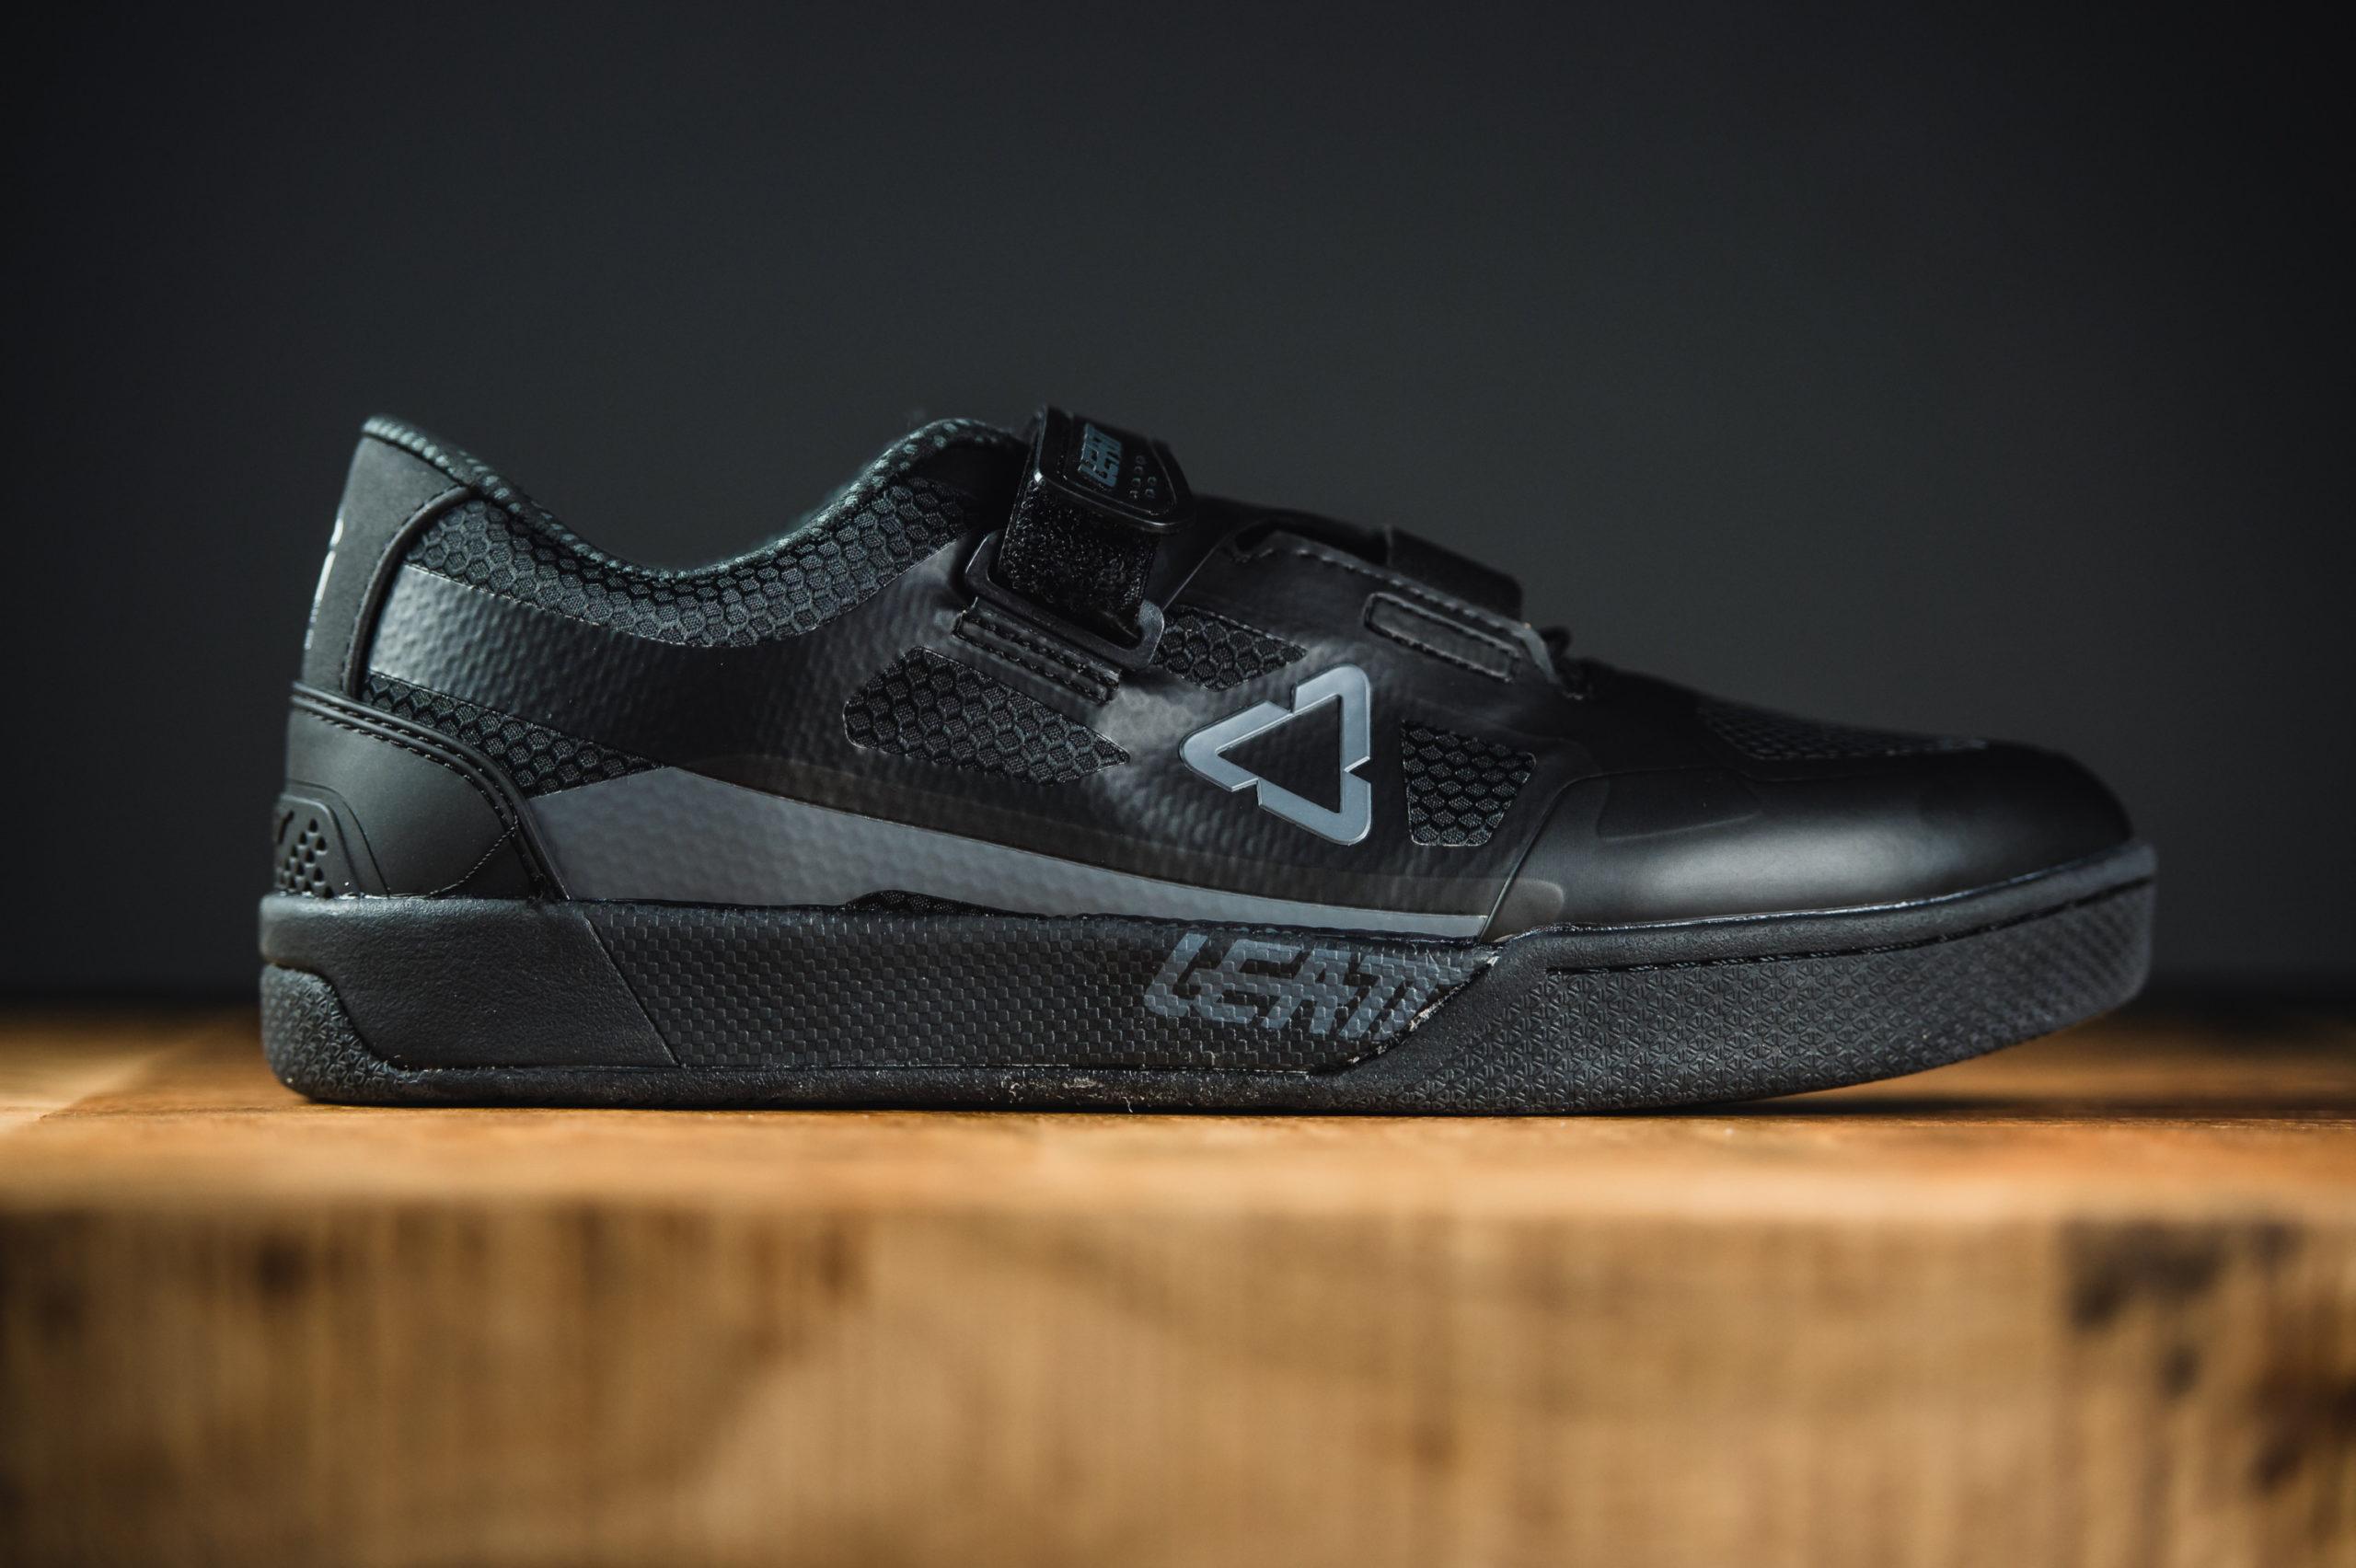 Vier neue Klick und Flatpedal Schuhe: Leatt betritt die MTB